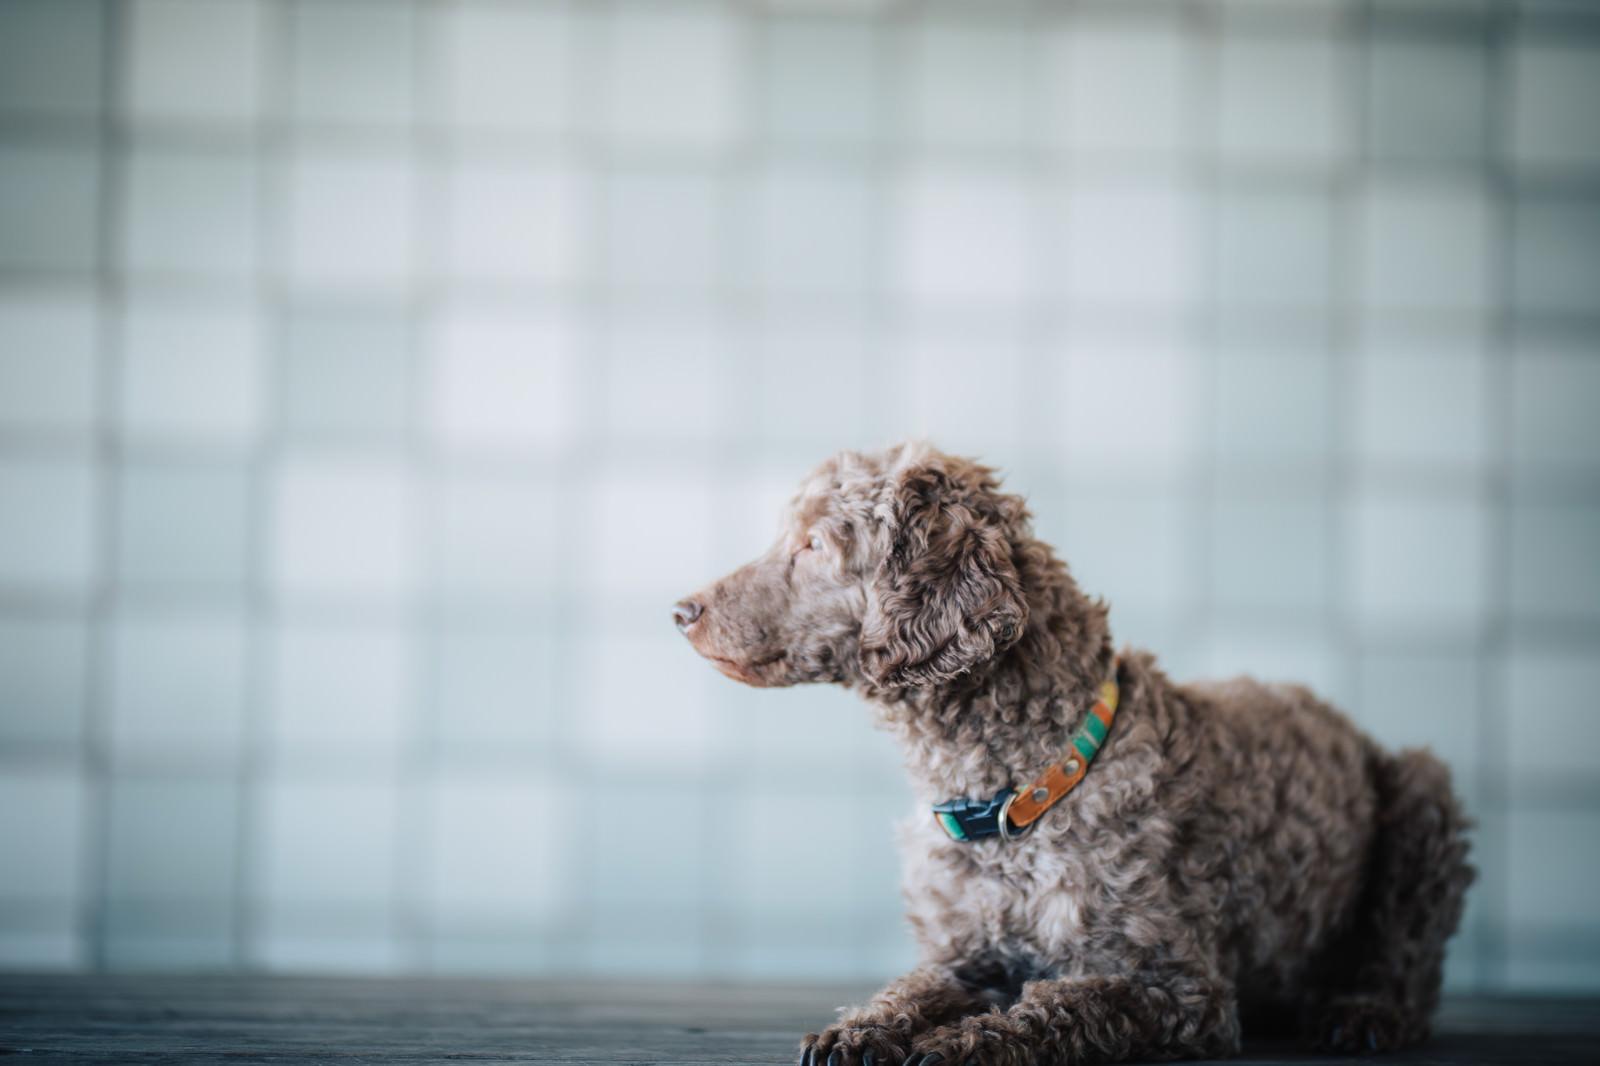 「難事件にぶち当たった犬探偵の朝難事件にぶち当たった犬探偵の朝」のフリー写真素材を拡大